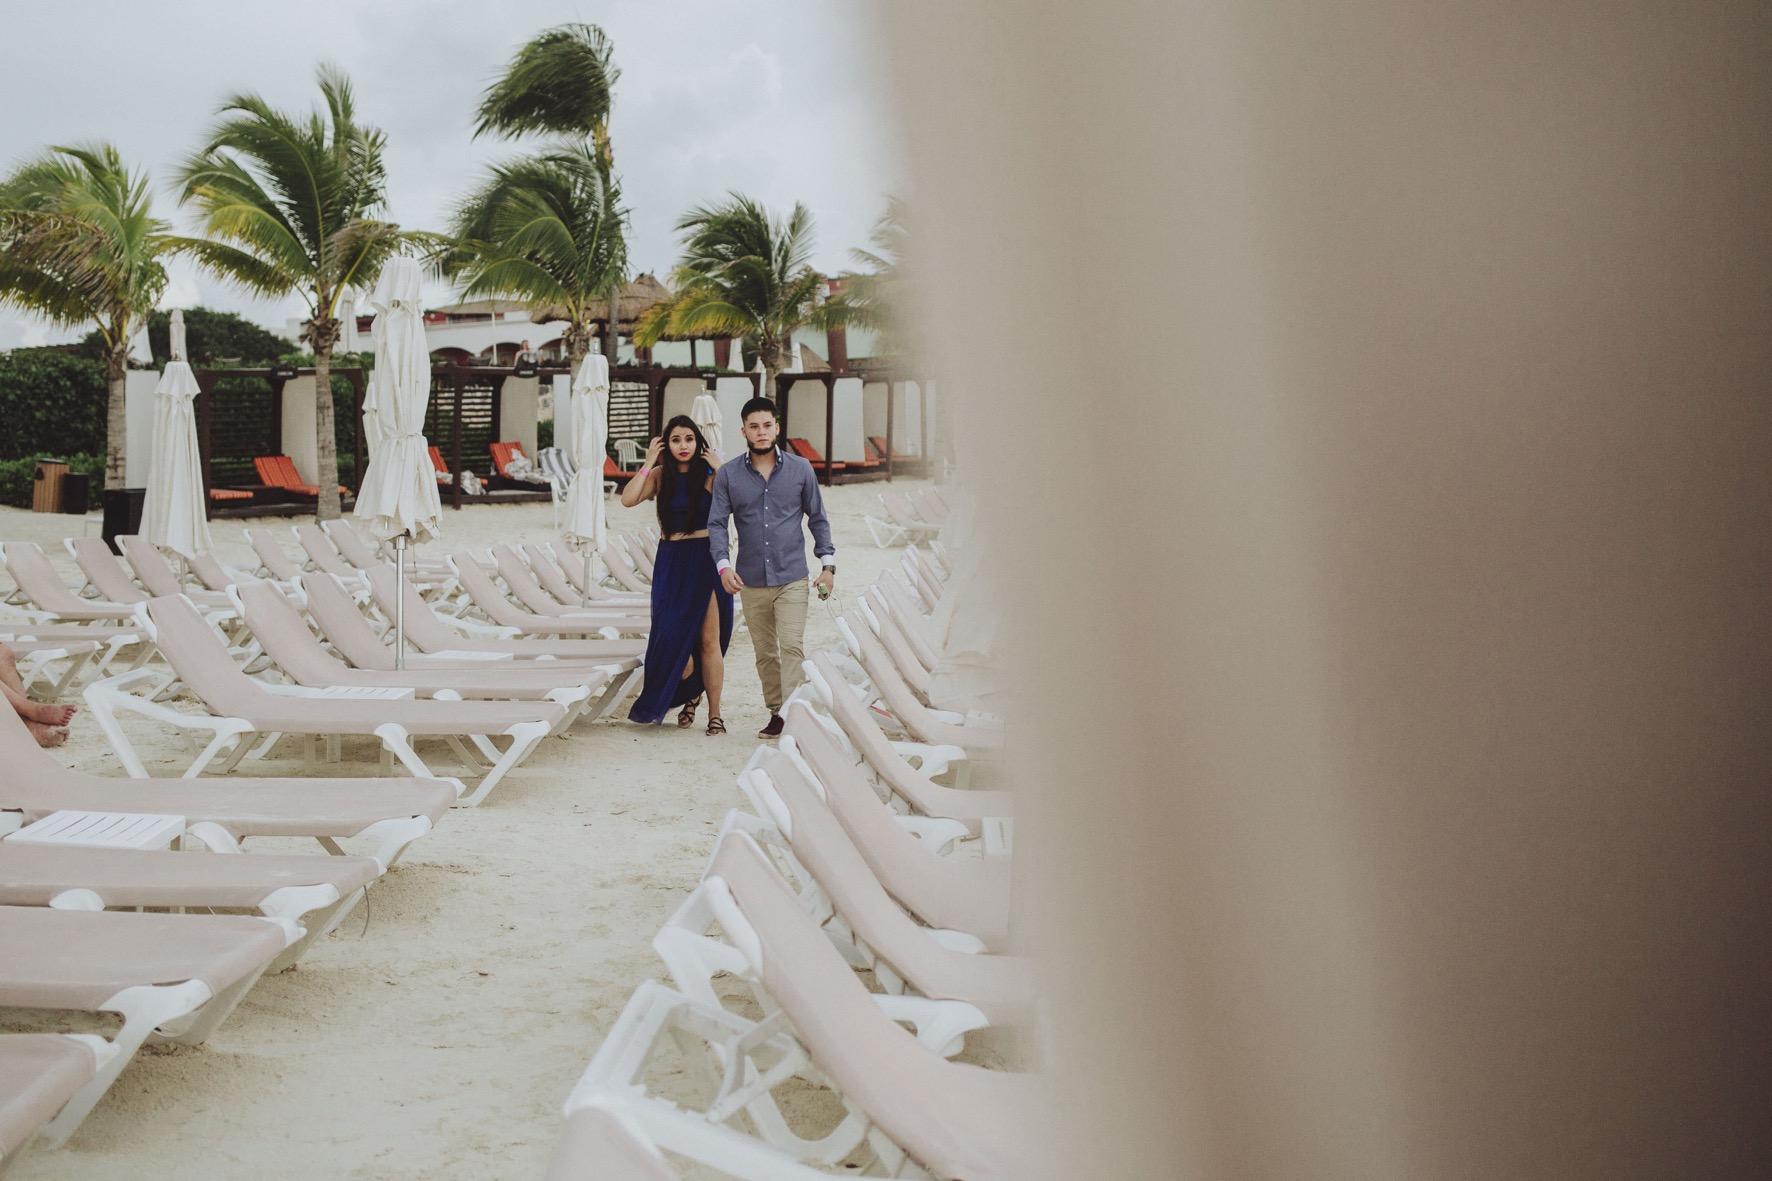 fotografo_bodas_profesional_zacatecas_riviera_maya_cancun-40